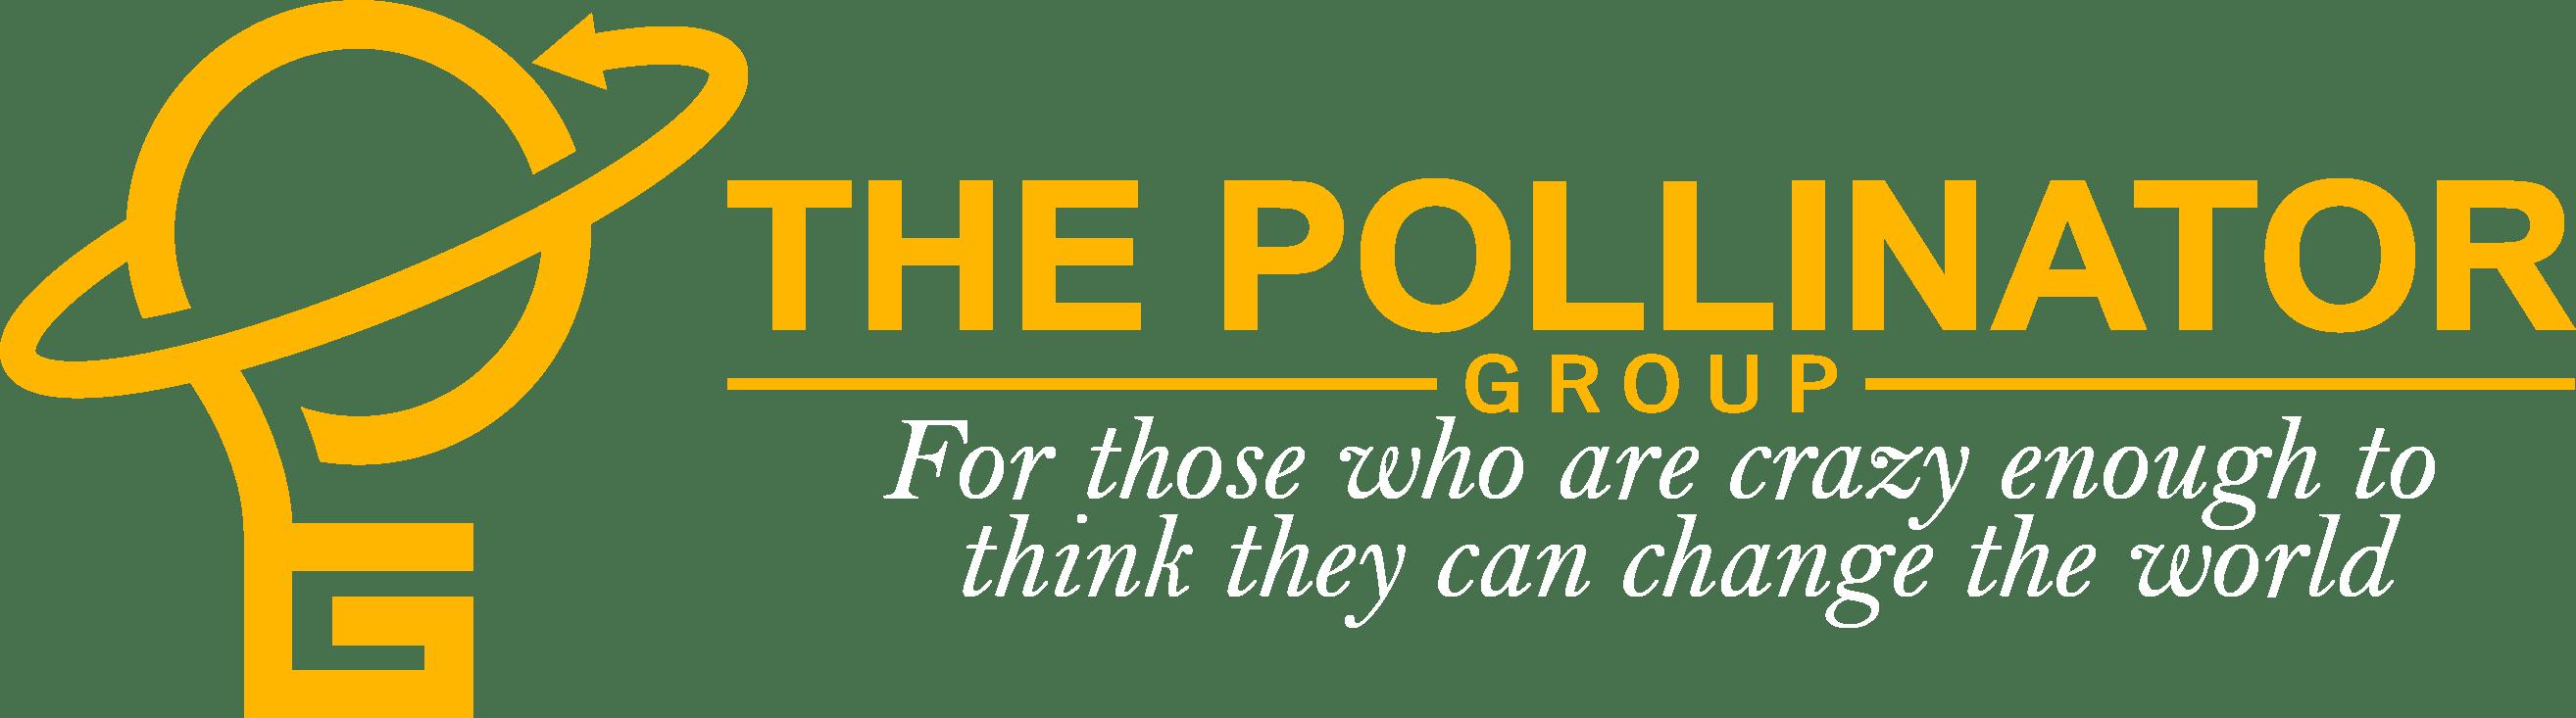 Pollinator Group